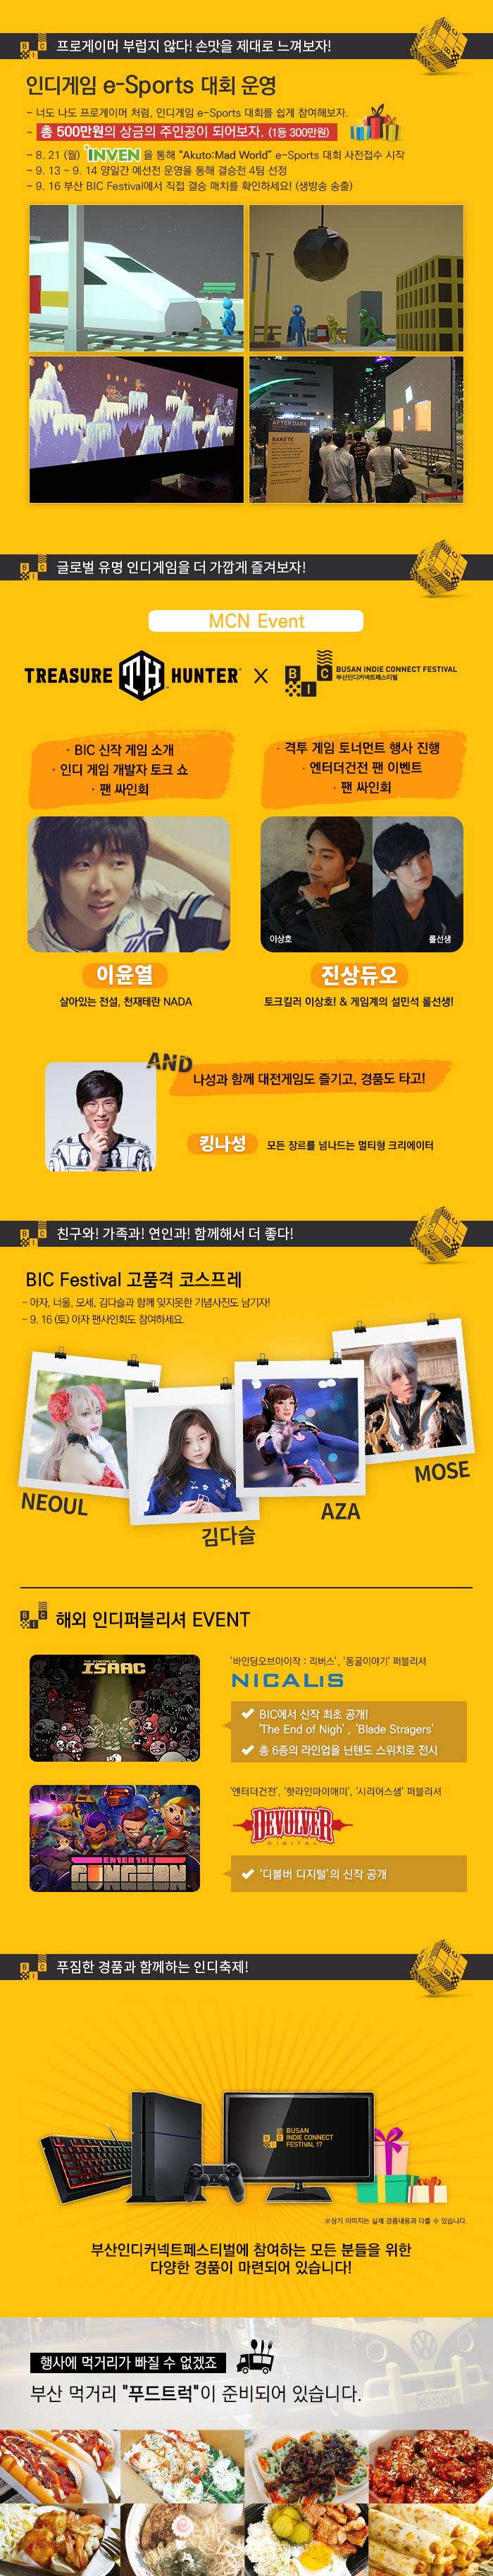 부산 인디커넥트 페스티벌 2017 개최 (BIC Festival 2017)